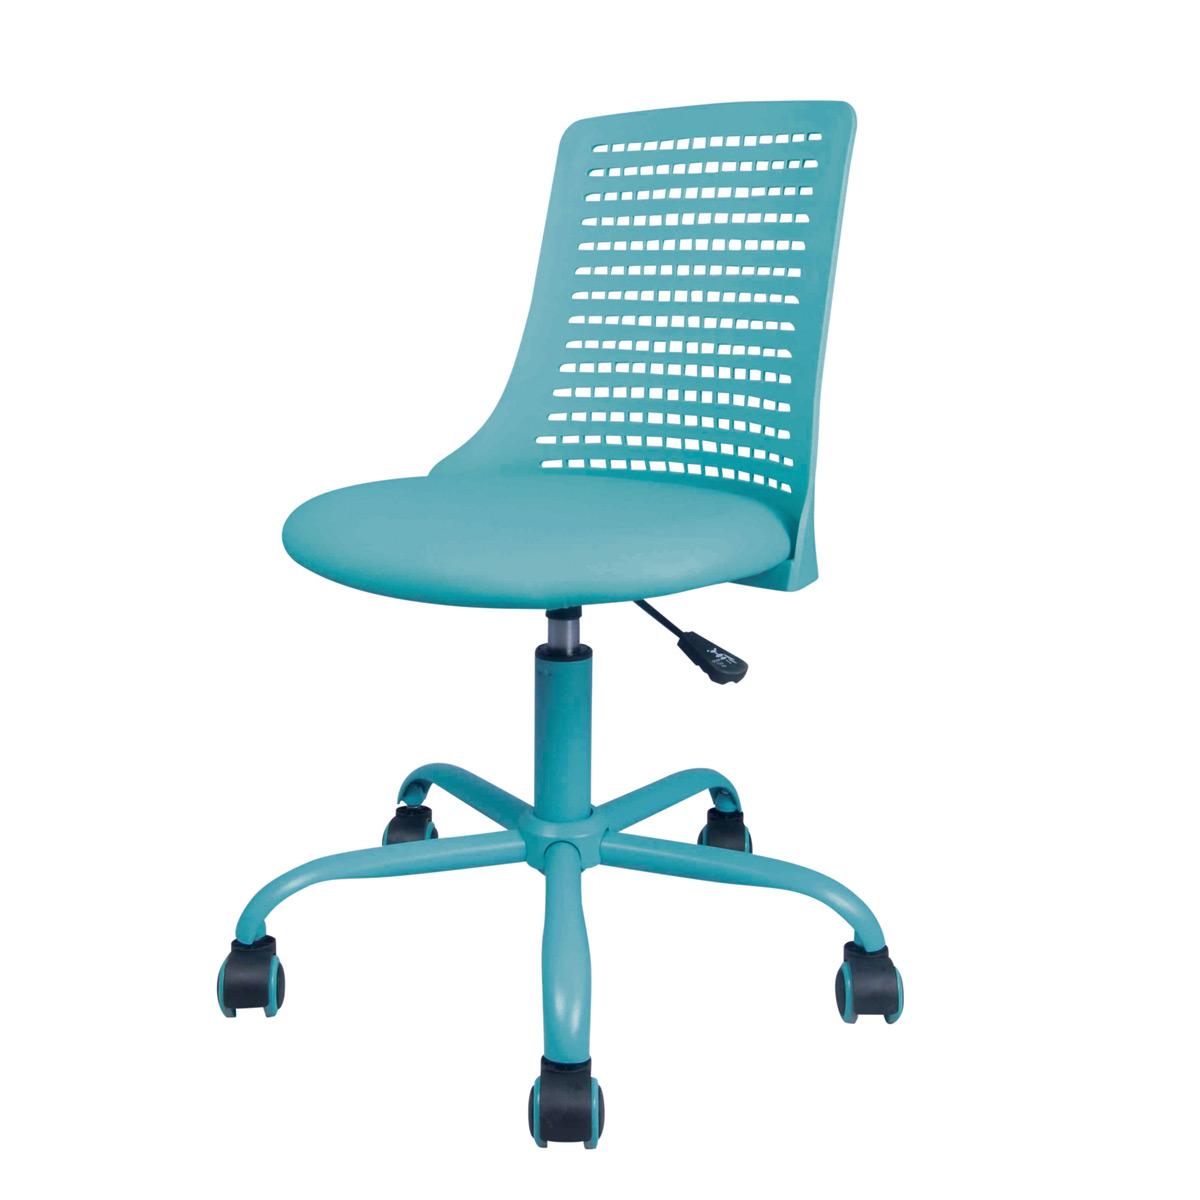 Drehstuhl für Kinder türkis myCHARLY gepolsterte Sitzschale und 360 Grad  drehbar Schreibtischstuhl für Schulanfänger